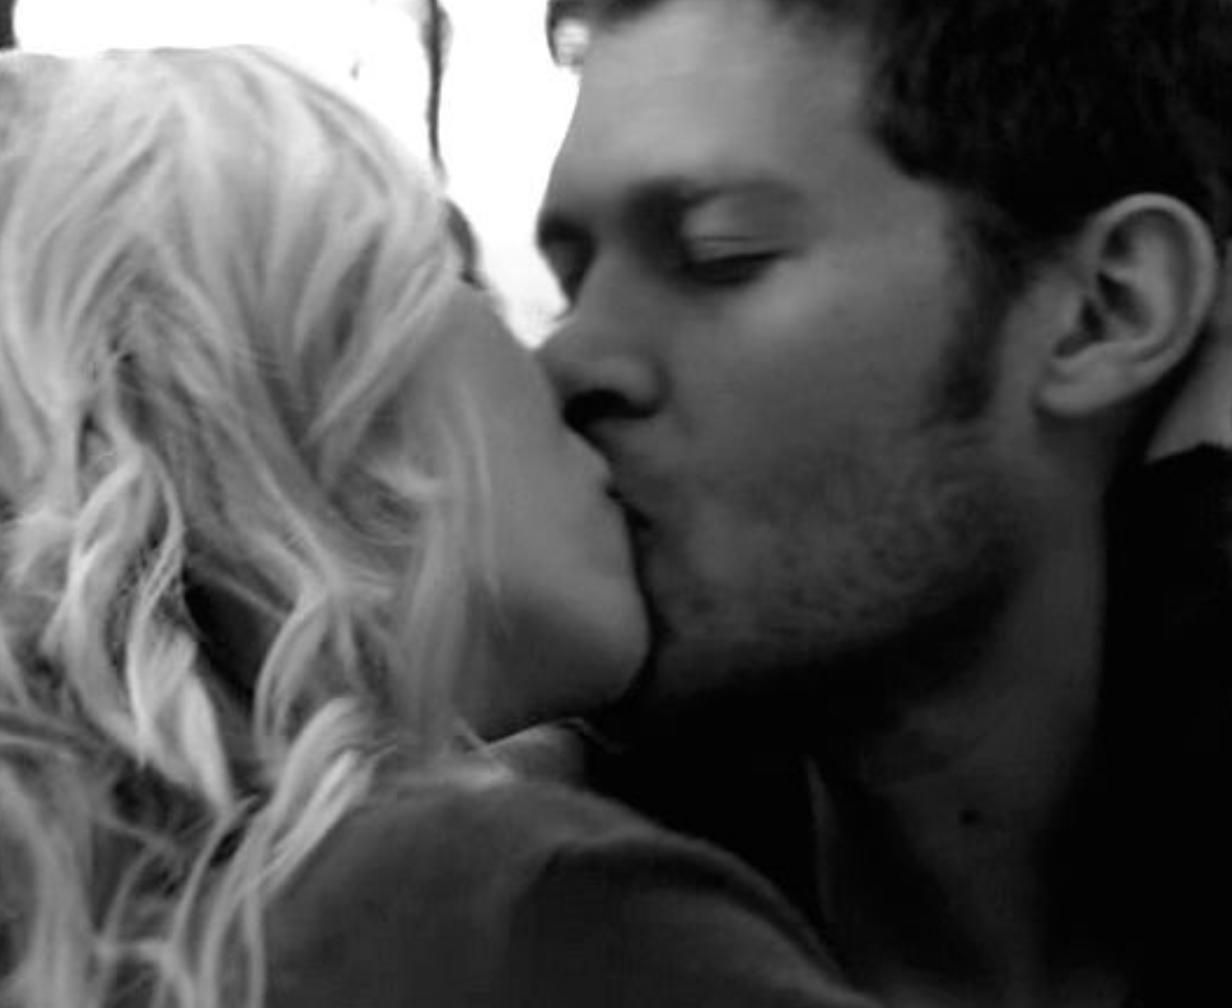 OC, vampire, and Vampire Diaries image